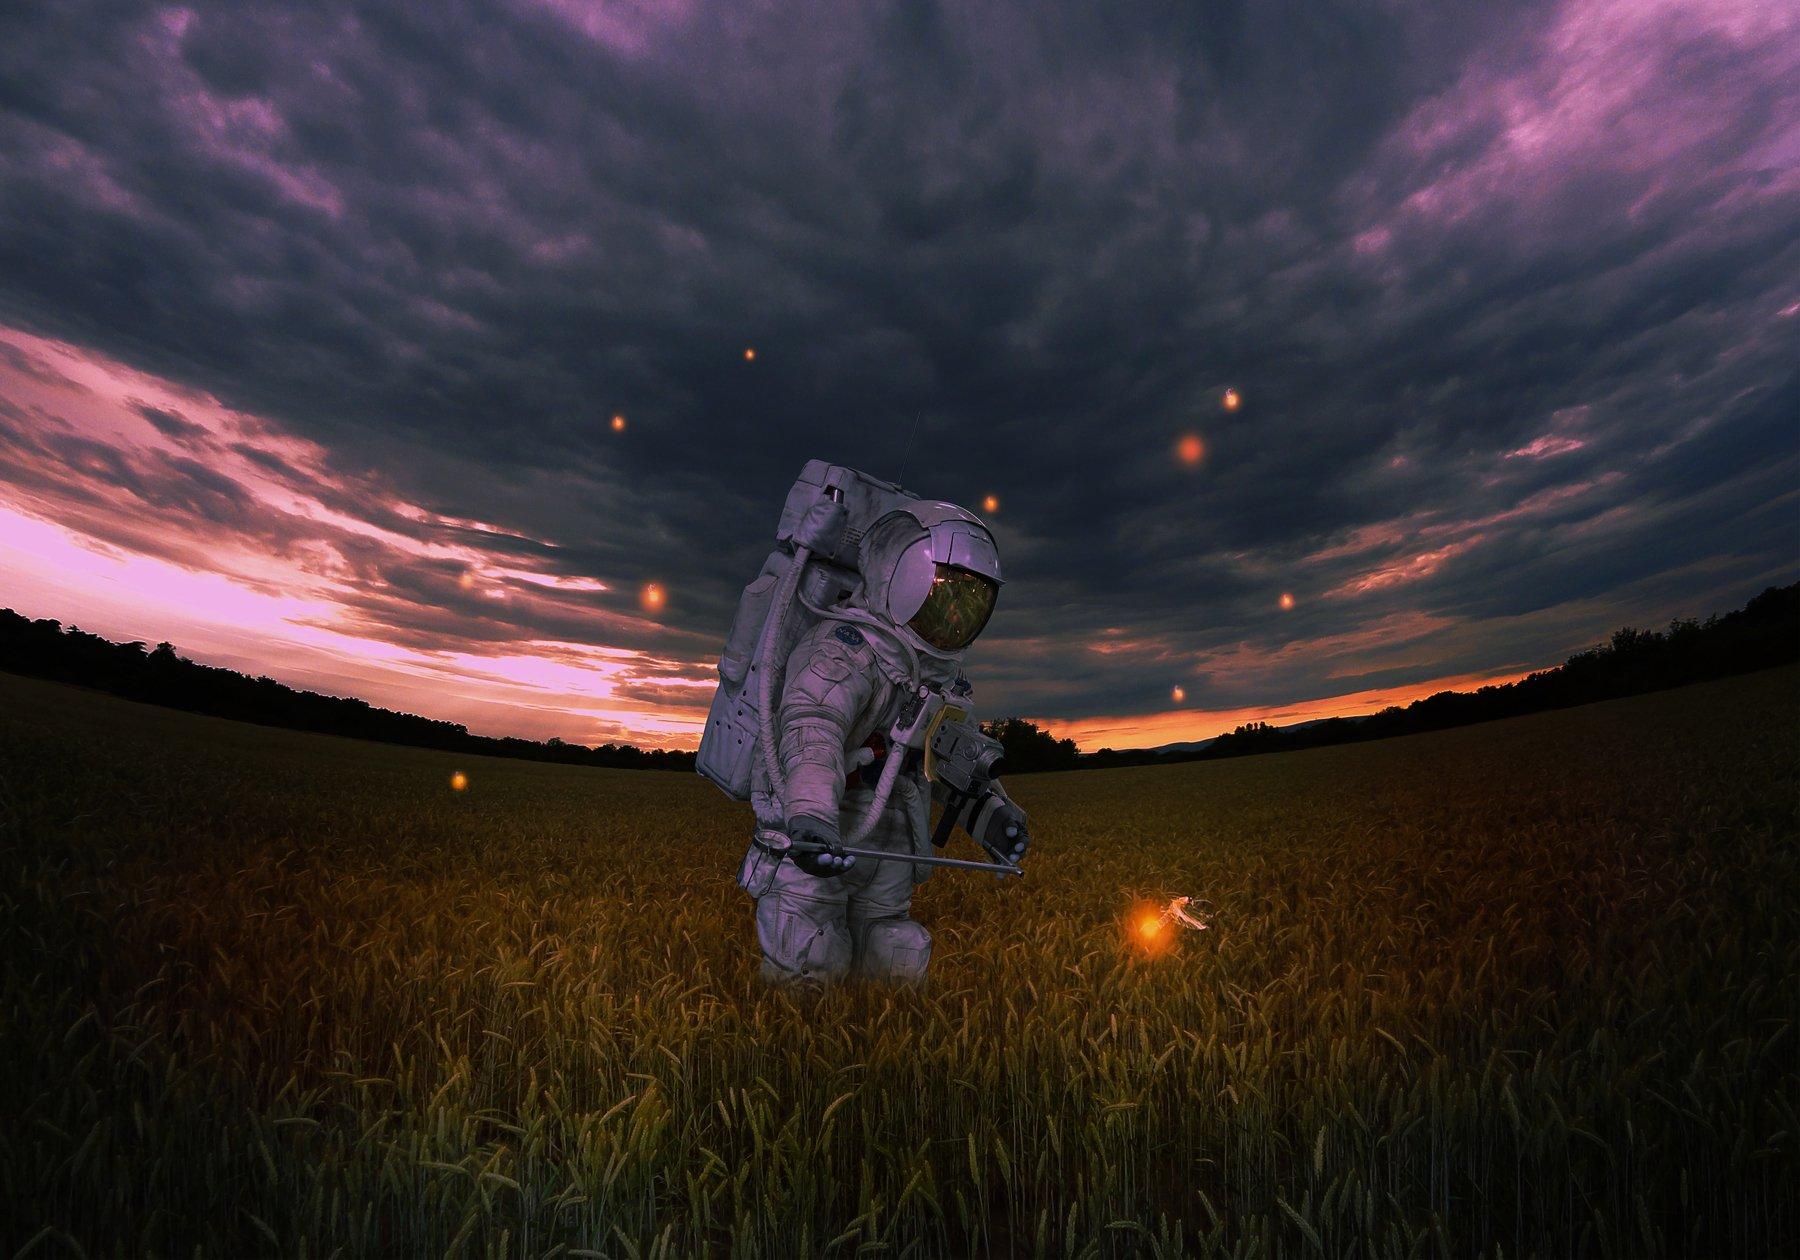 космонавт, поле, светлячки, космос, Sergii Vidov